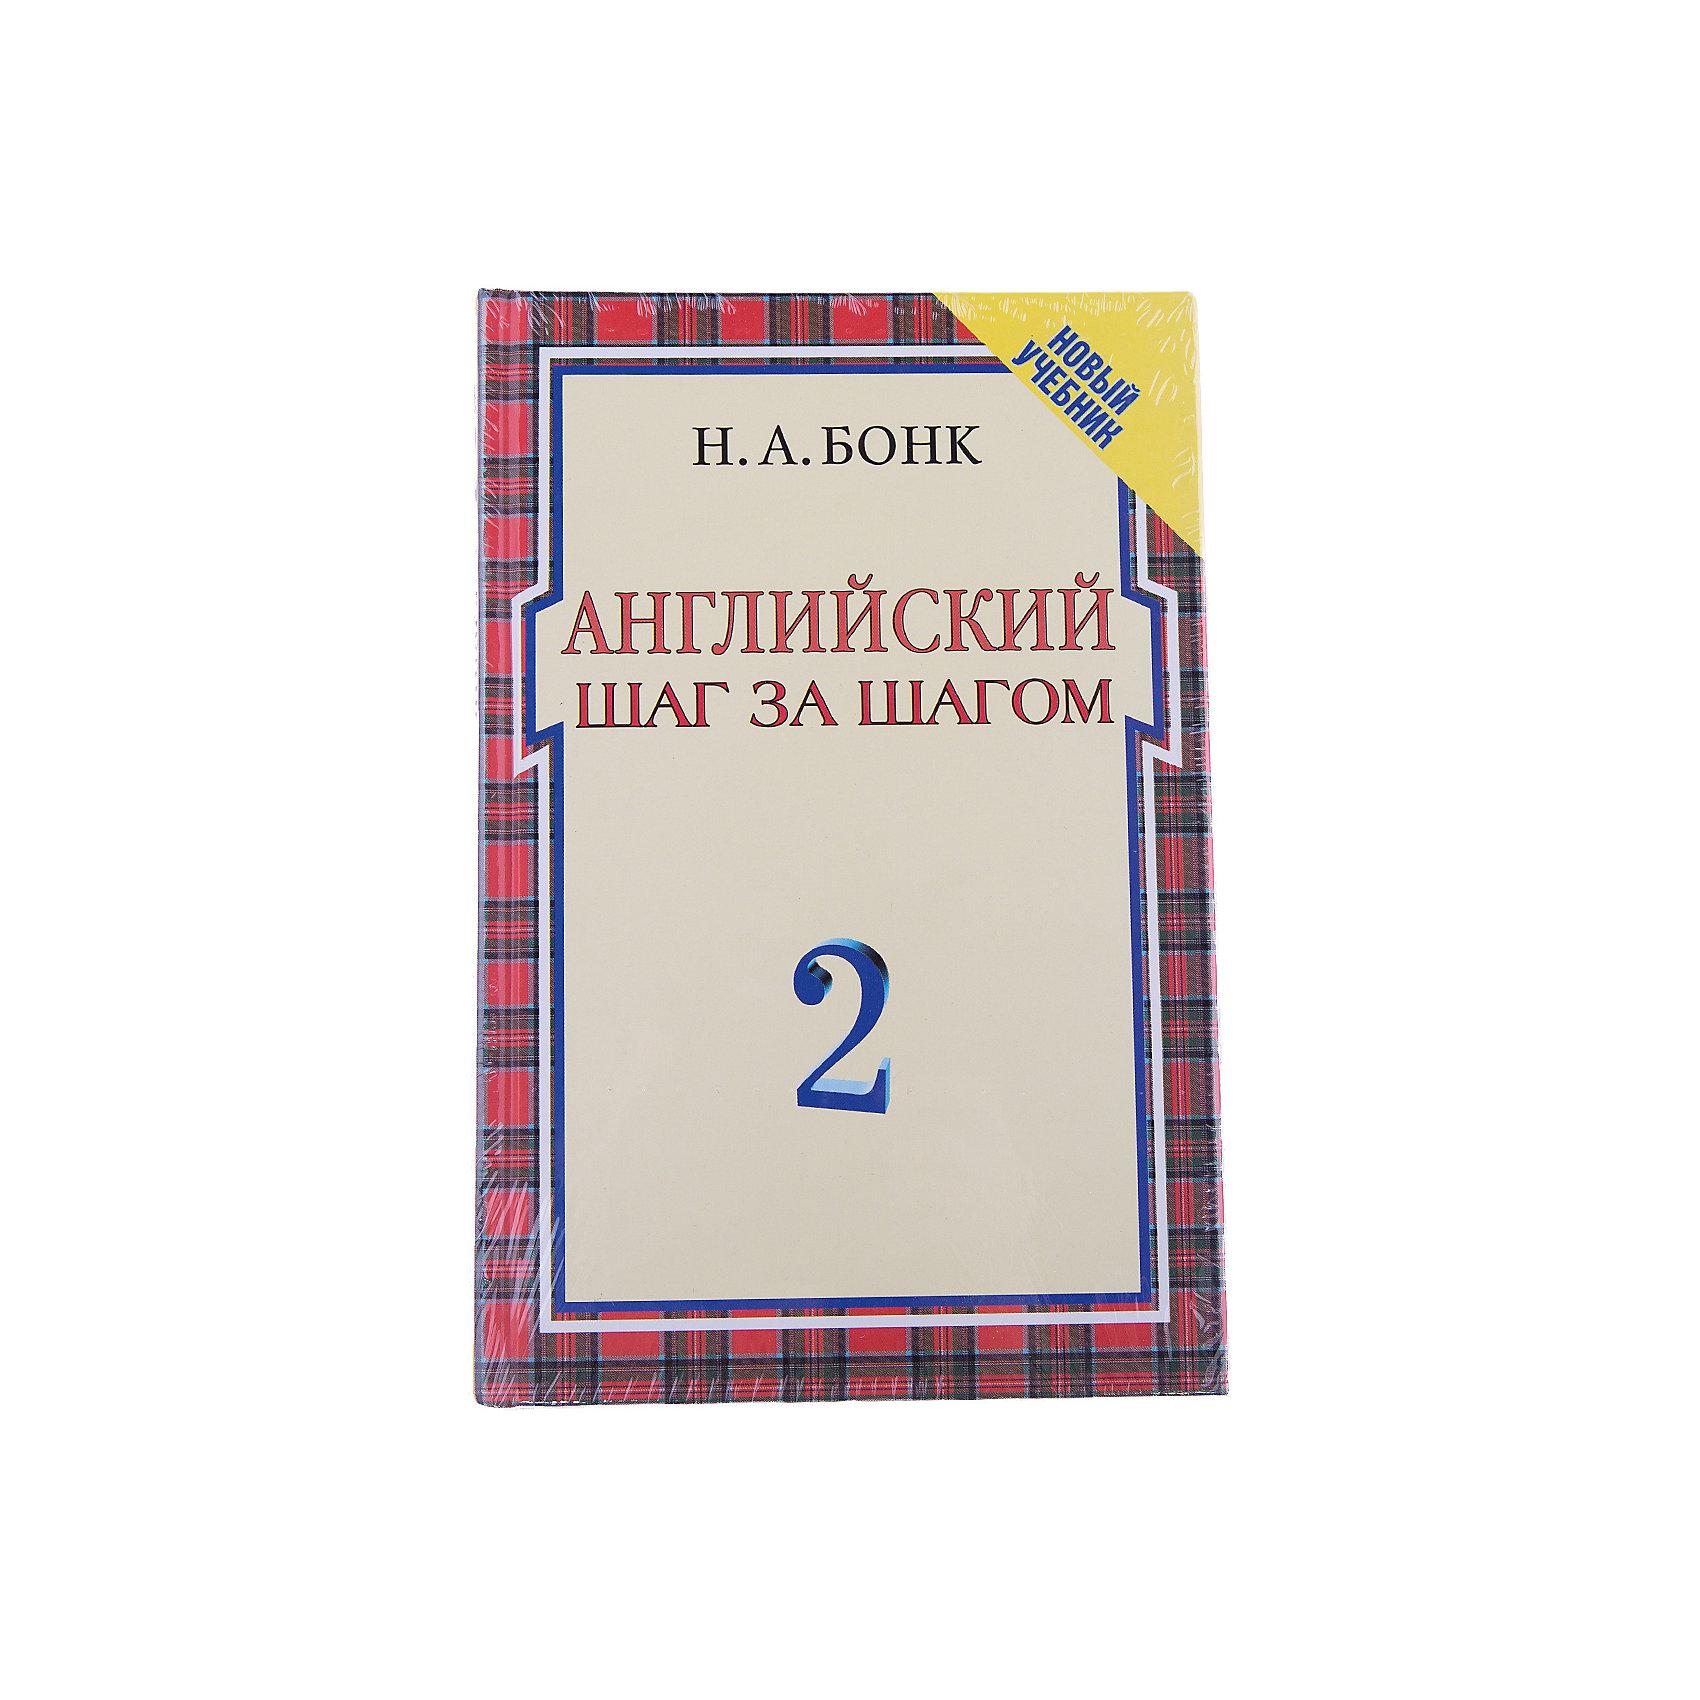 Учебник для изучения английского языкаИностранный язык<br>Характеристики:<br>• количество страниц: 380;<br>• возраст: от 14 лет;<br>• иллюстрации: черно-белые;<br>• переплёт: твердый;<br>• формат: 14х21,5 см;<br>• вес: 100 грамм;<br>• ISBN: 9785353004158.<br><br>Учебник для изучения английского языка - вторая часть обучающего пособия. Учебник содержит актуальную информация о языке, его структуре, а также современных диалогах. <br><br>Учебник содержит упражнения, направленные на закрепление полученных знаний.<br><br>С этим учебником ребенок сможет пополнить свой словарный запас на 2900 слов.<br><br>Учебник для изучения англ.языка,  Rosman (Росмэн) можно купить в нашем интернет-магазине.<br><br>Ширина мм: 220<br>Глубина мм: 145<br>Высота мм: 200<br>Вес г: 391<br>Возраст от месяцев: -2147483648<br>Возраст до месяцев: 2147483647<br>Пол: Унисекс<br>Возраст: Детский<br>SKU: 5453608